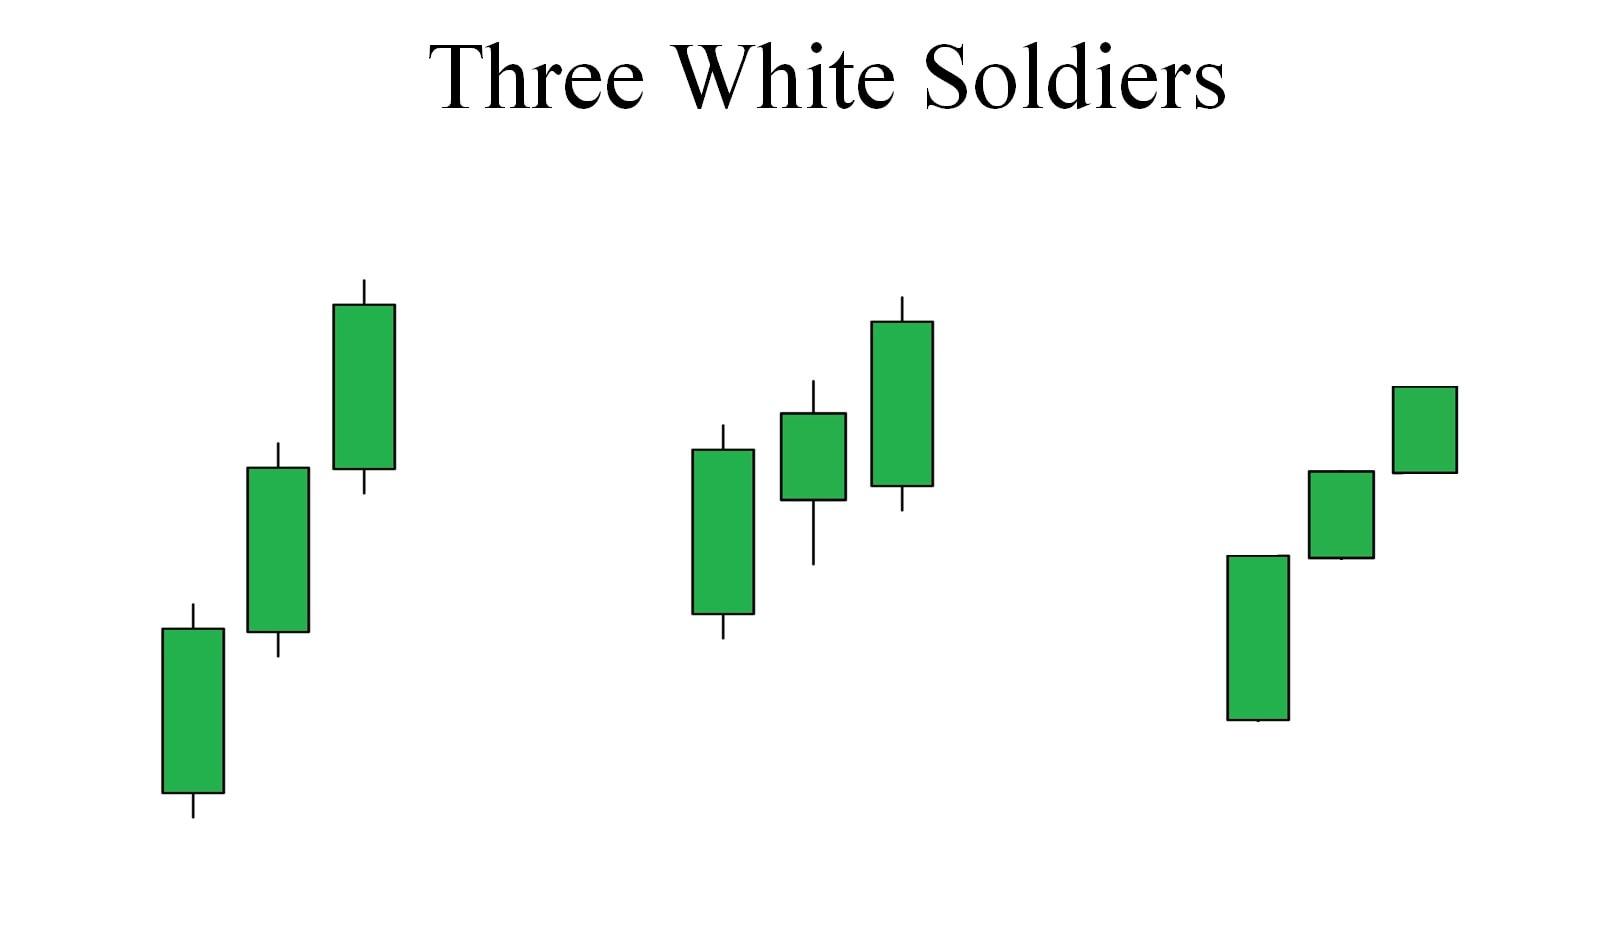 Jenis-jenis pola kandil 3 White Soldiers